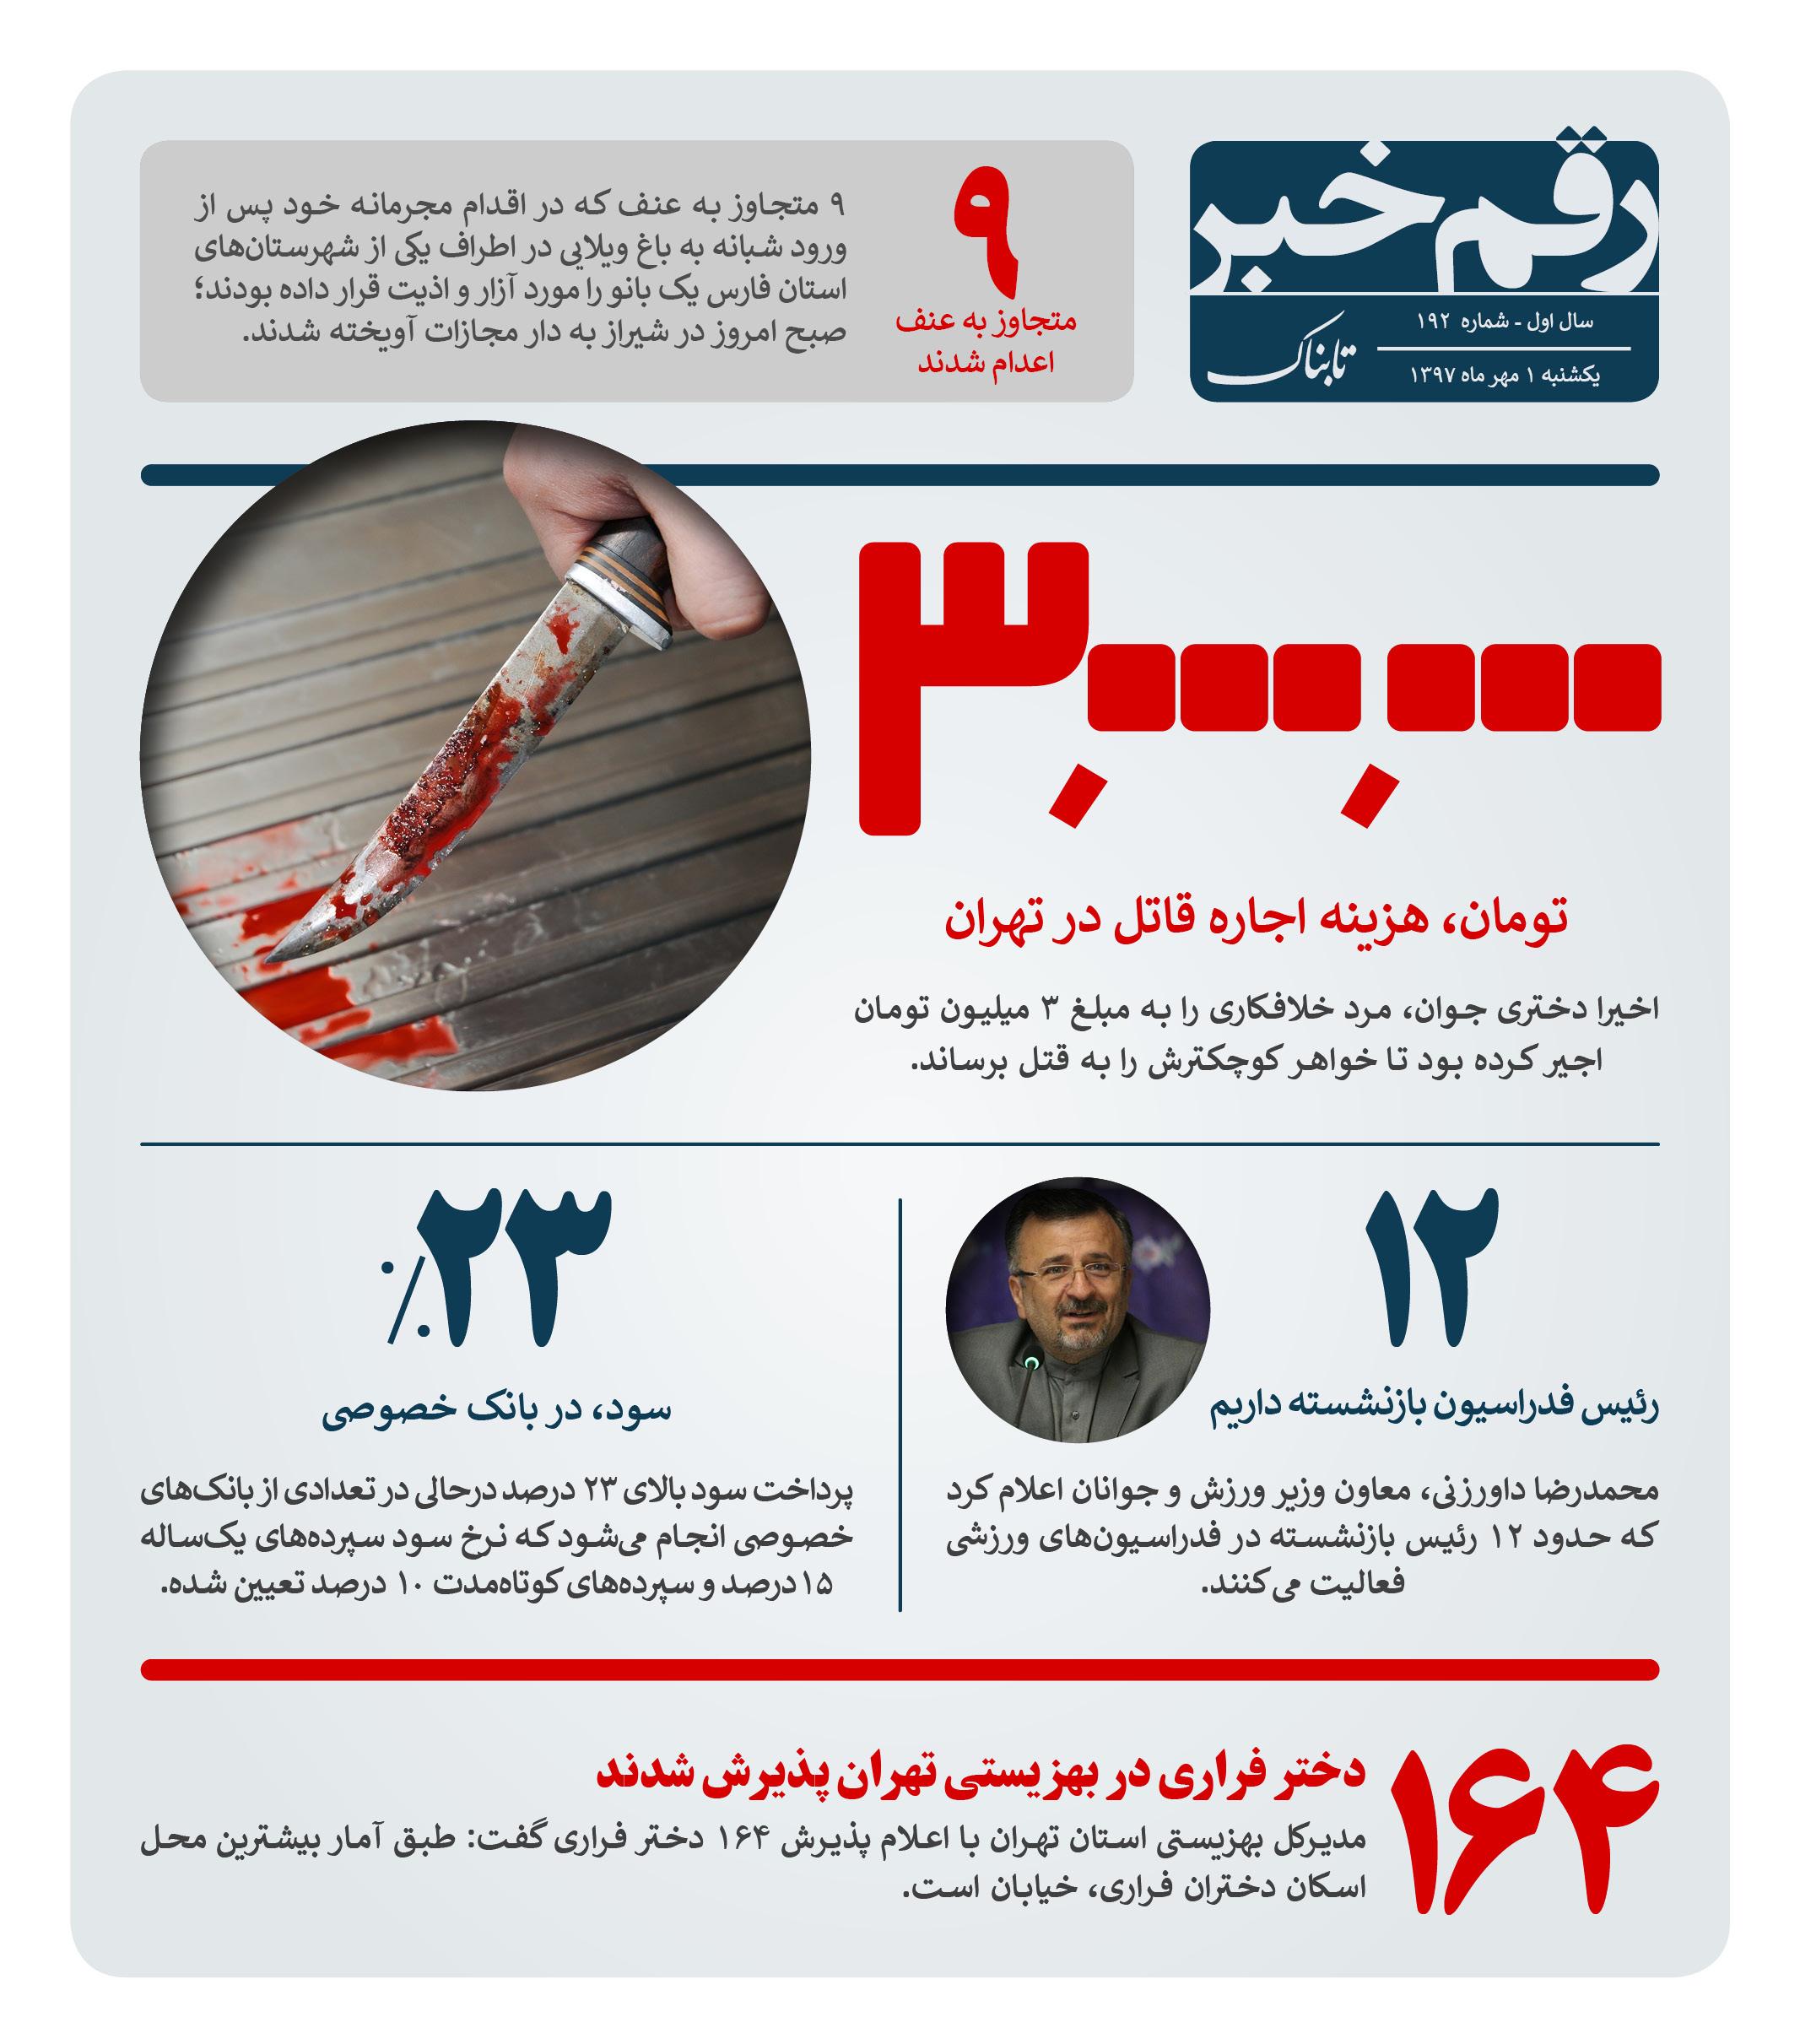 رقم خبر: هزینه اجاره قاتل در تهران